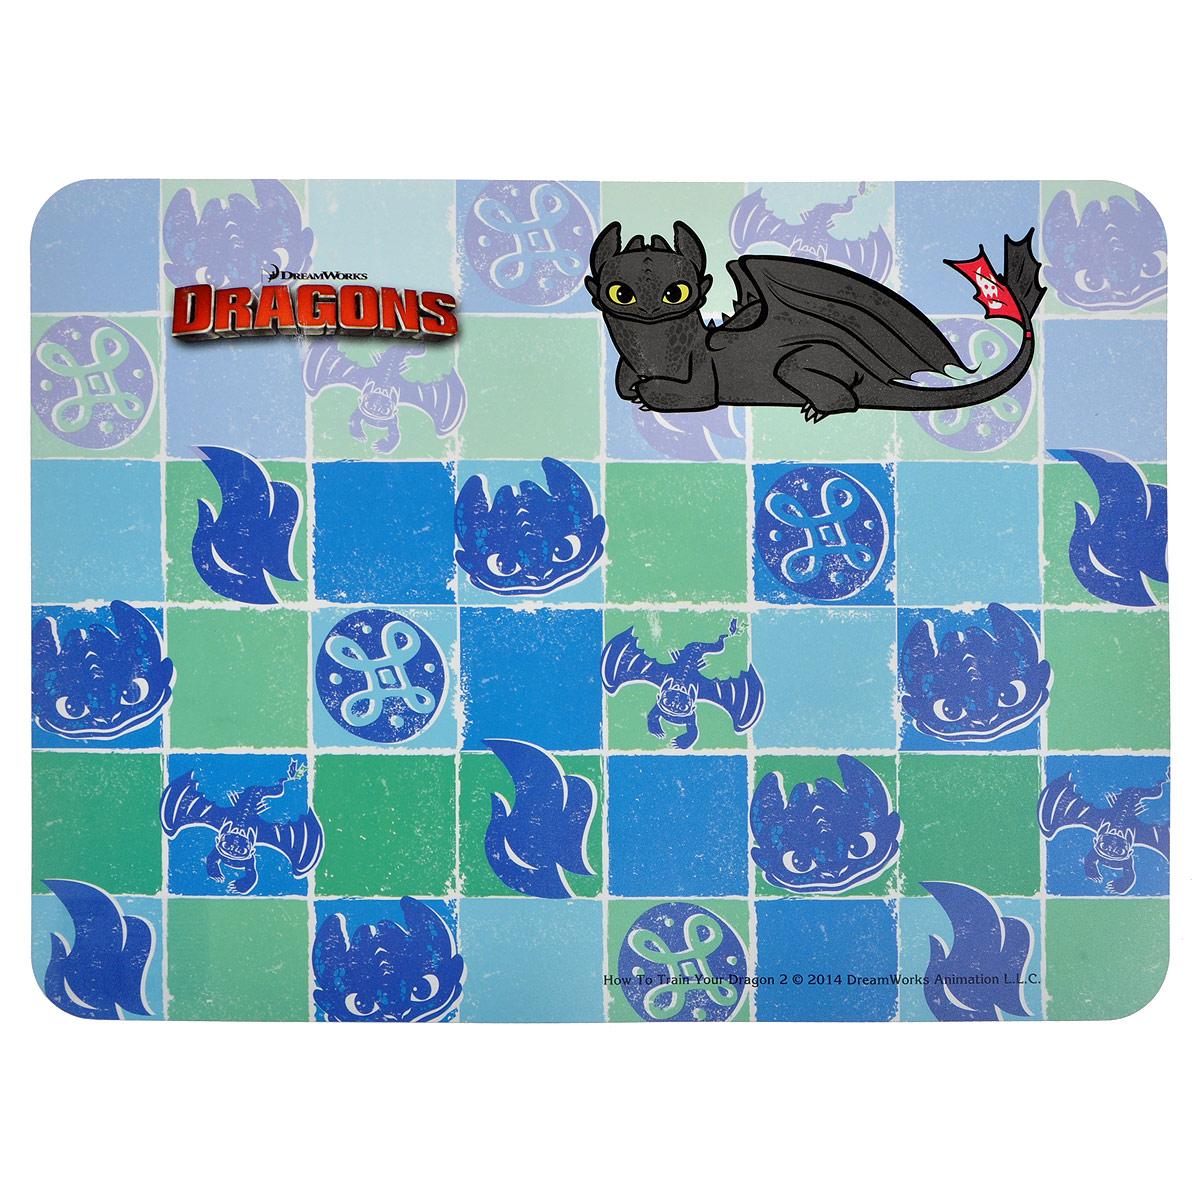 Настольная подкладка для лепки Action! Dragons, 43 см х 32 смDR-STP3Настольная подкладка Action! Dragons не только обеспечит комфортную работу во время лепки, но и предохранит поверхность рабочего стола от загрязнений и различных повреждений. Она выполнена из плотного пластика и оформлена изображением дракончика. Яркий дизайн подкладки непременно понравится вашему ребенку.